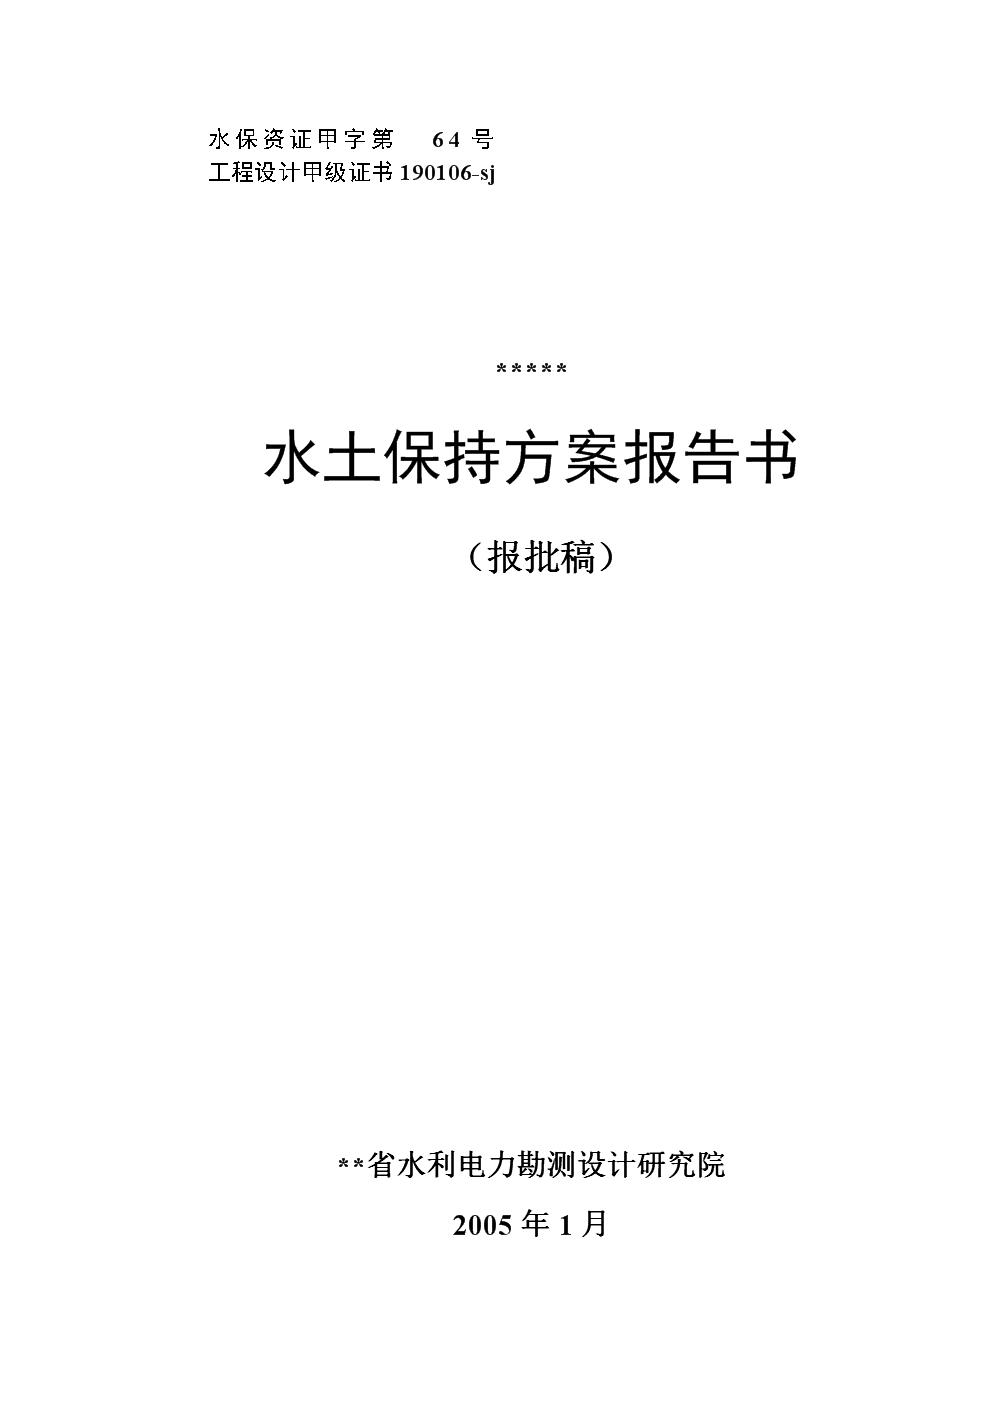 水土保持方案报告书(报批稿).doc